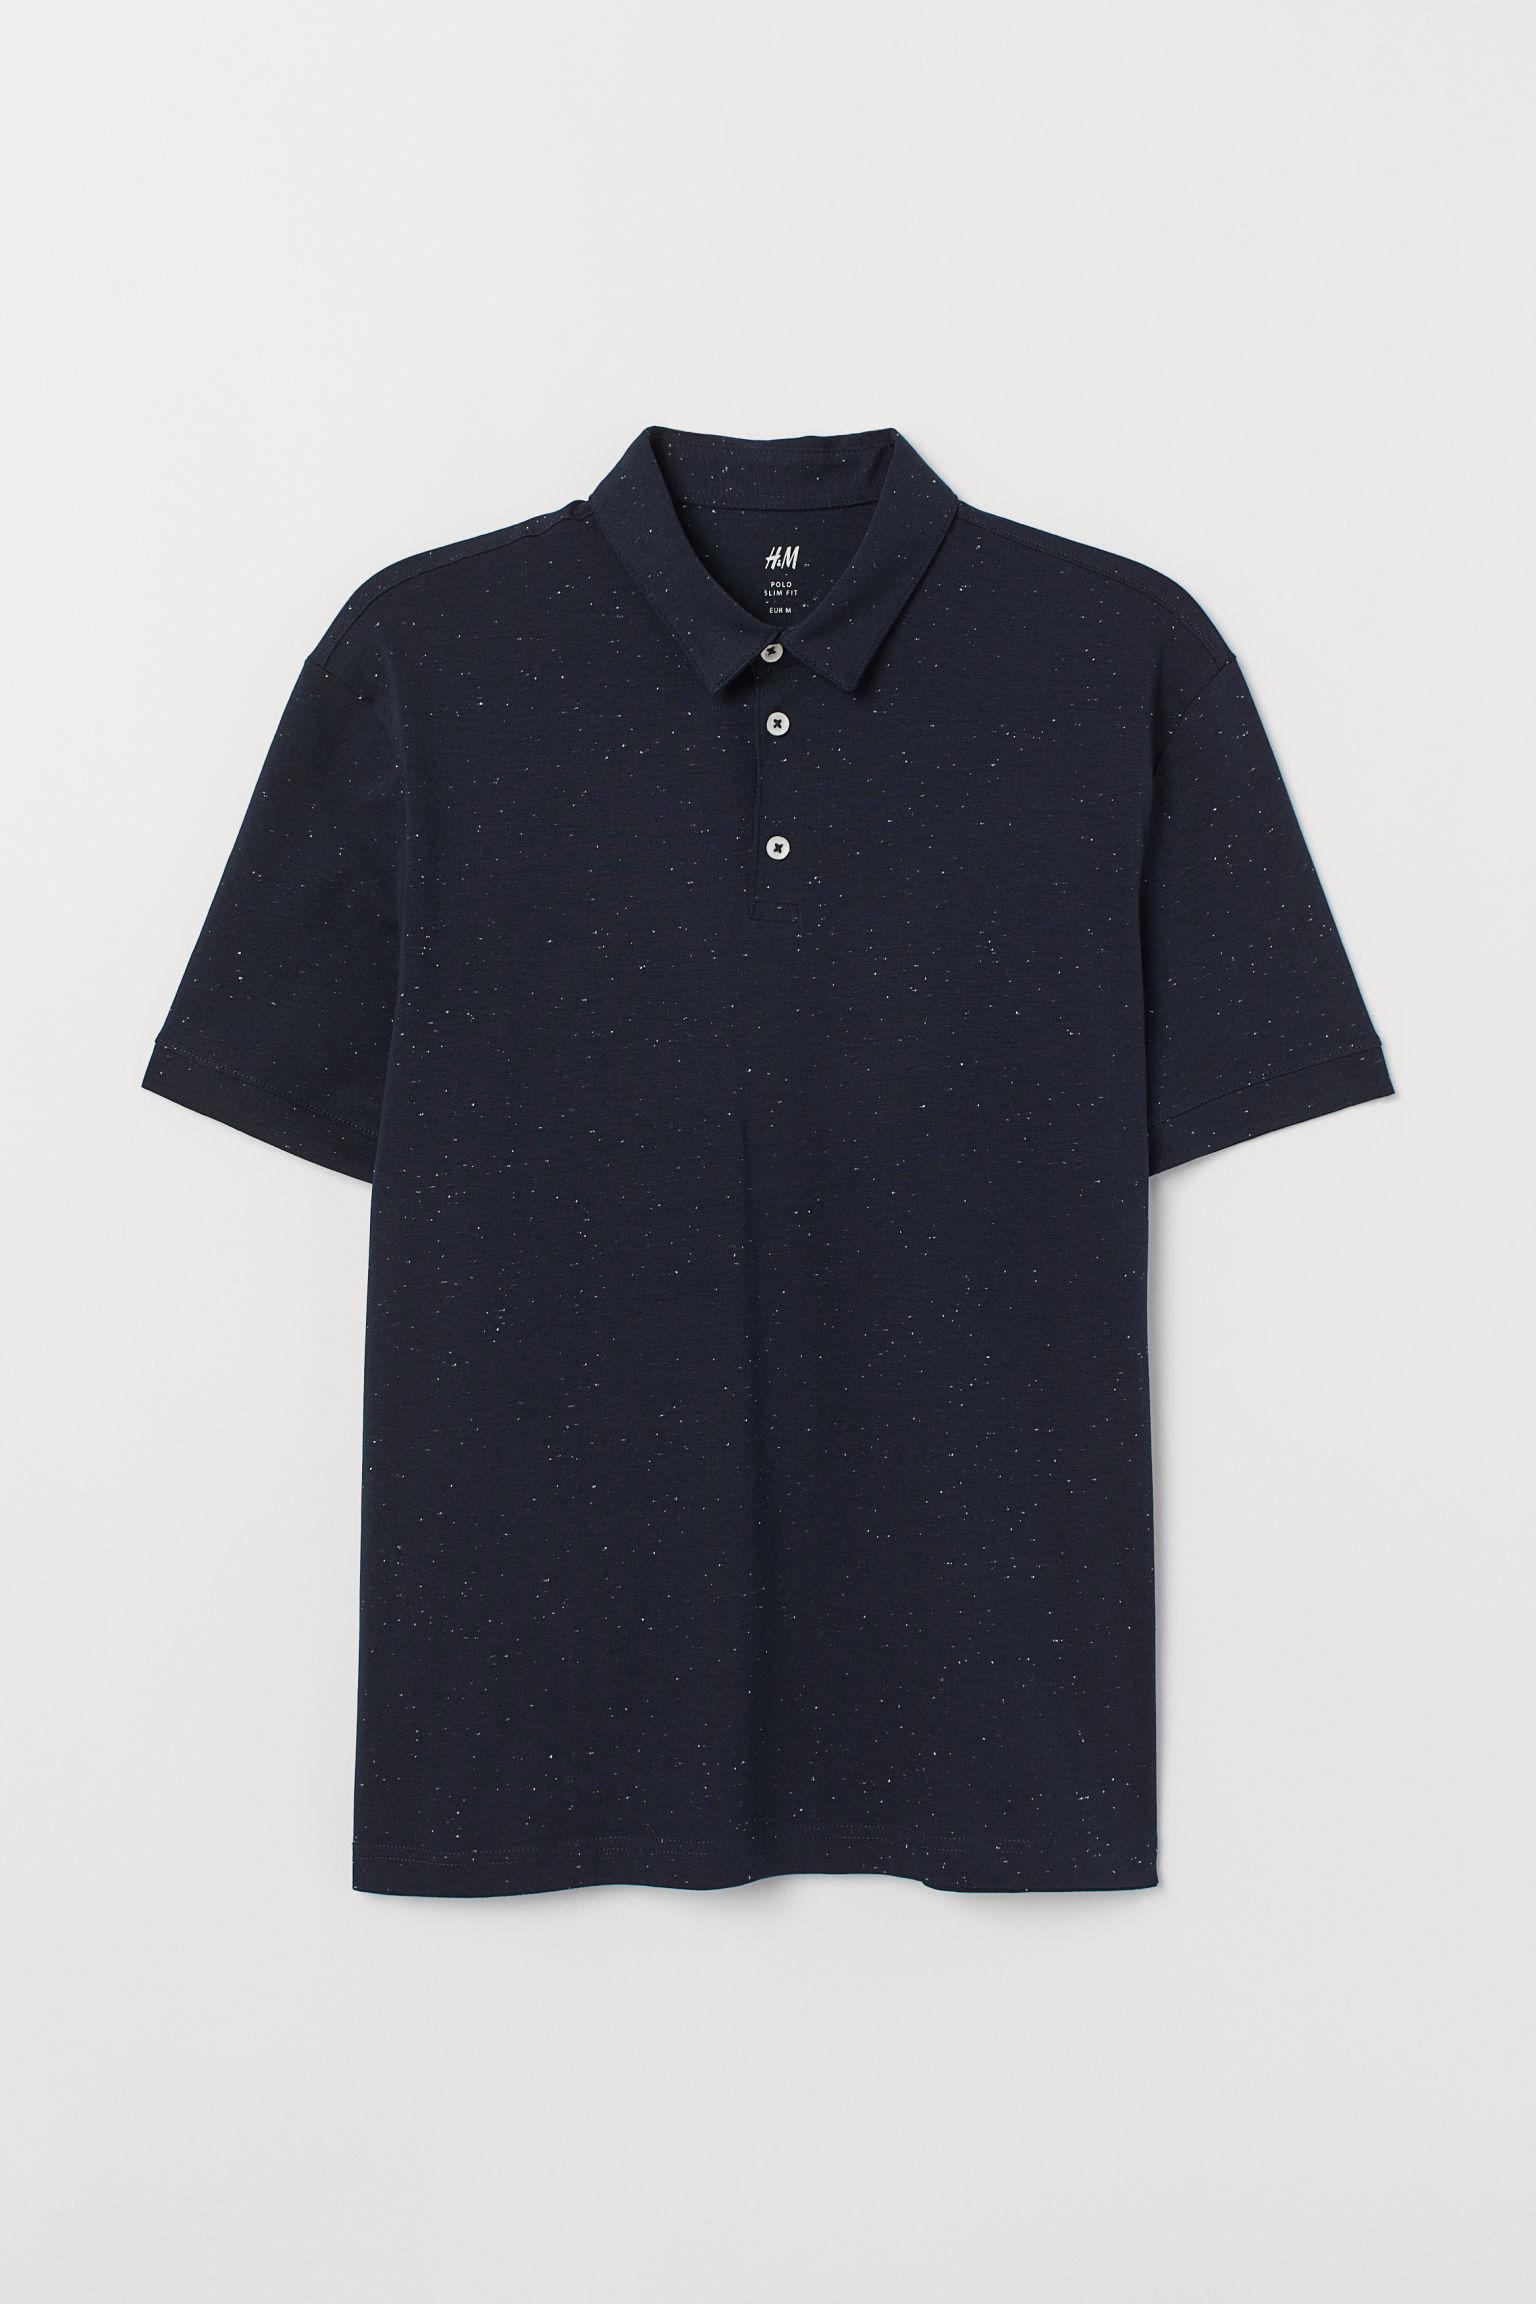 5860a1fb Polo shirt Slim fit